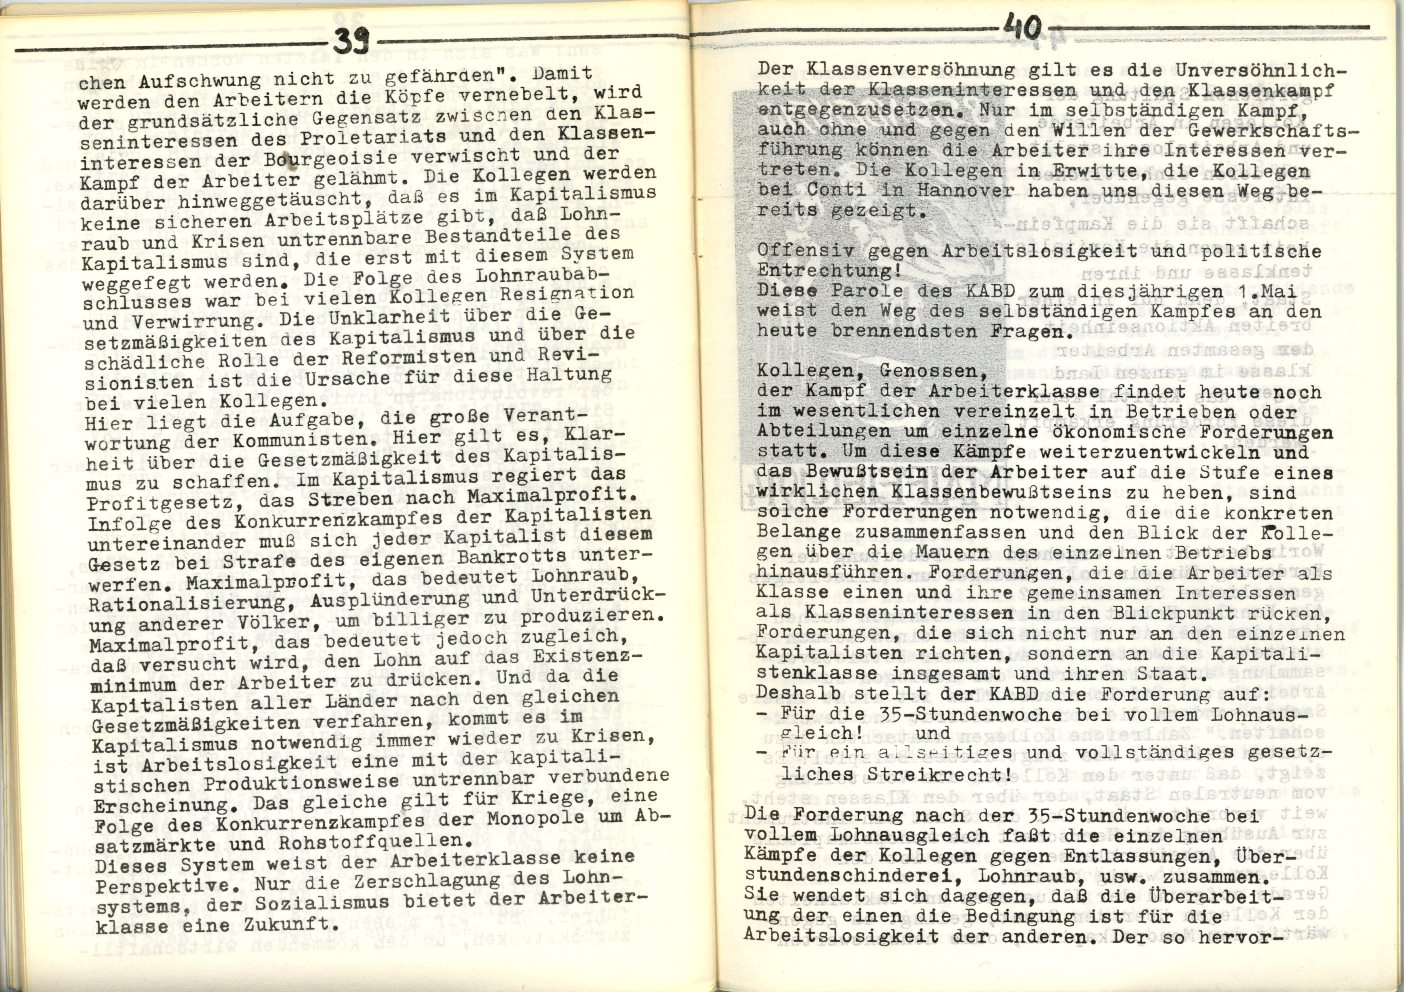 Frankfurt_KABD_zum_Ersten_Mai_1976_21